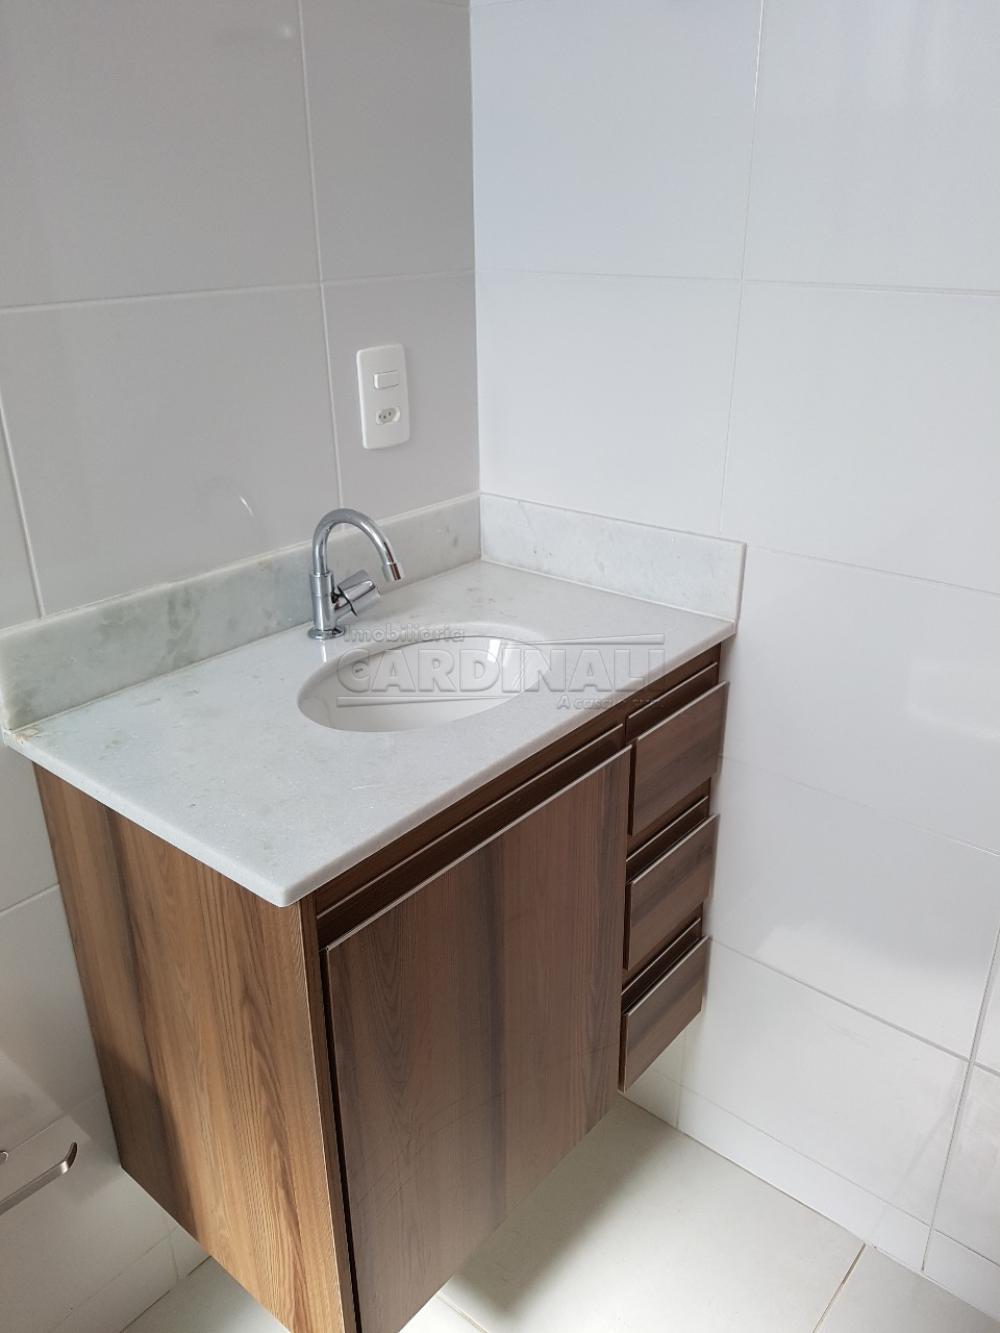 Alugar Apartamento / Padrão em São Carlos R$ 2.112,00 - Foto 17